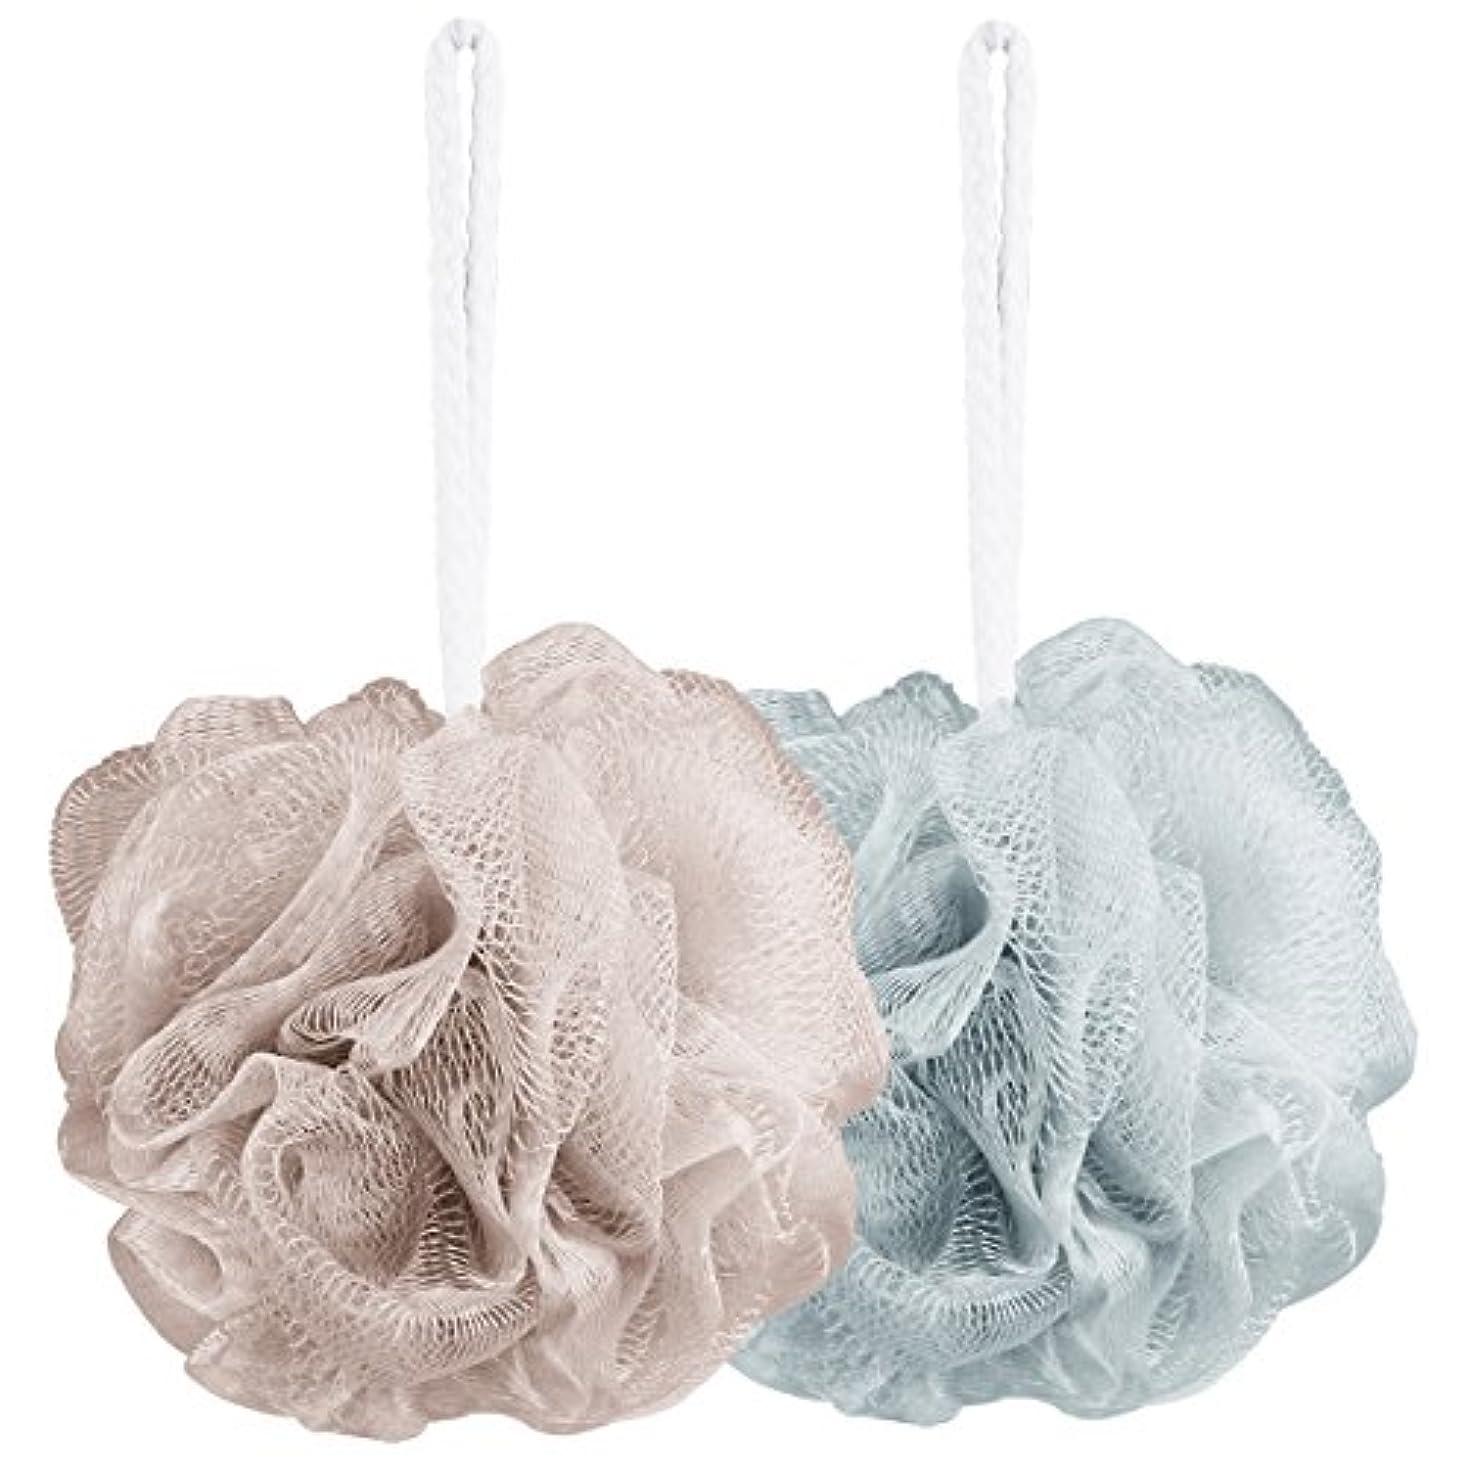 ポルティコ統合する応援するAahlsen 泡立てネット 超柔軟 シャワー用 ボディ用お風呂ボール 花形 タオル 2点セット